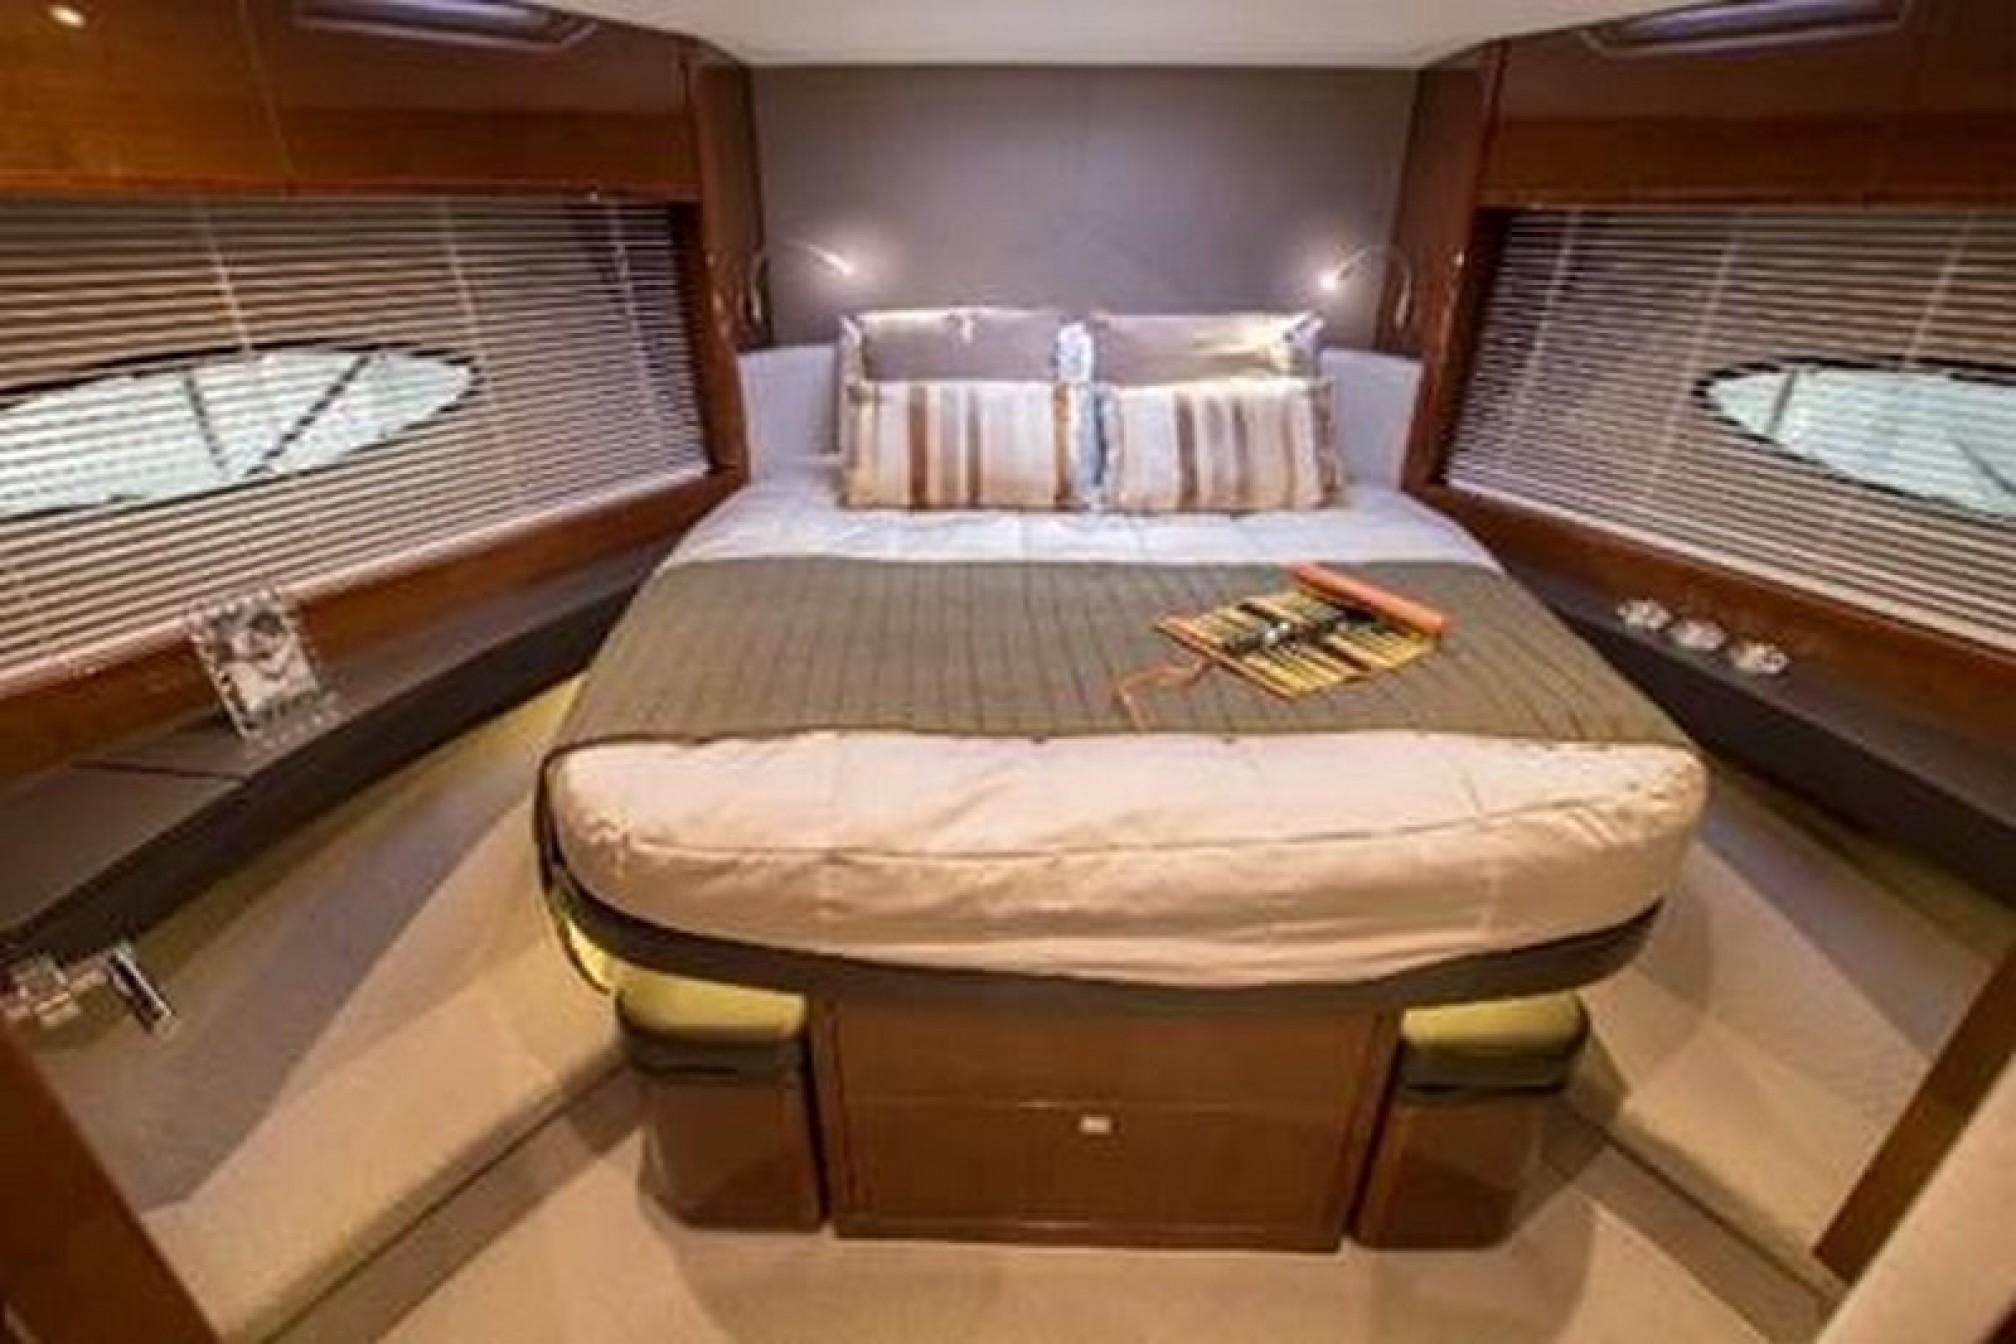 Princess 52 charter yacht cabin